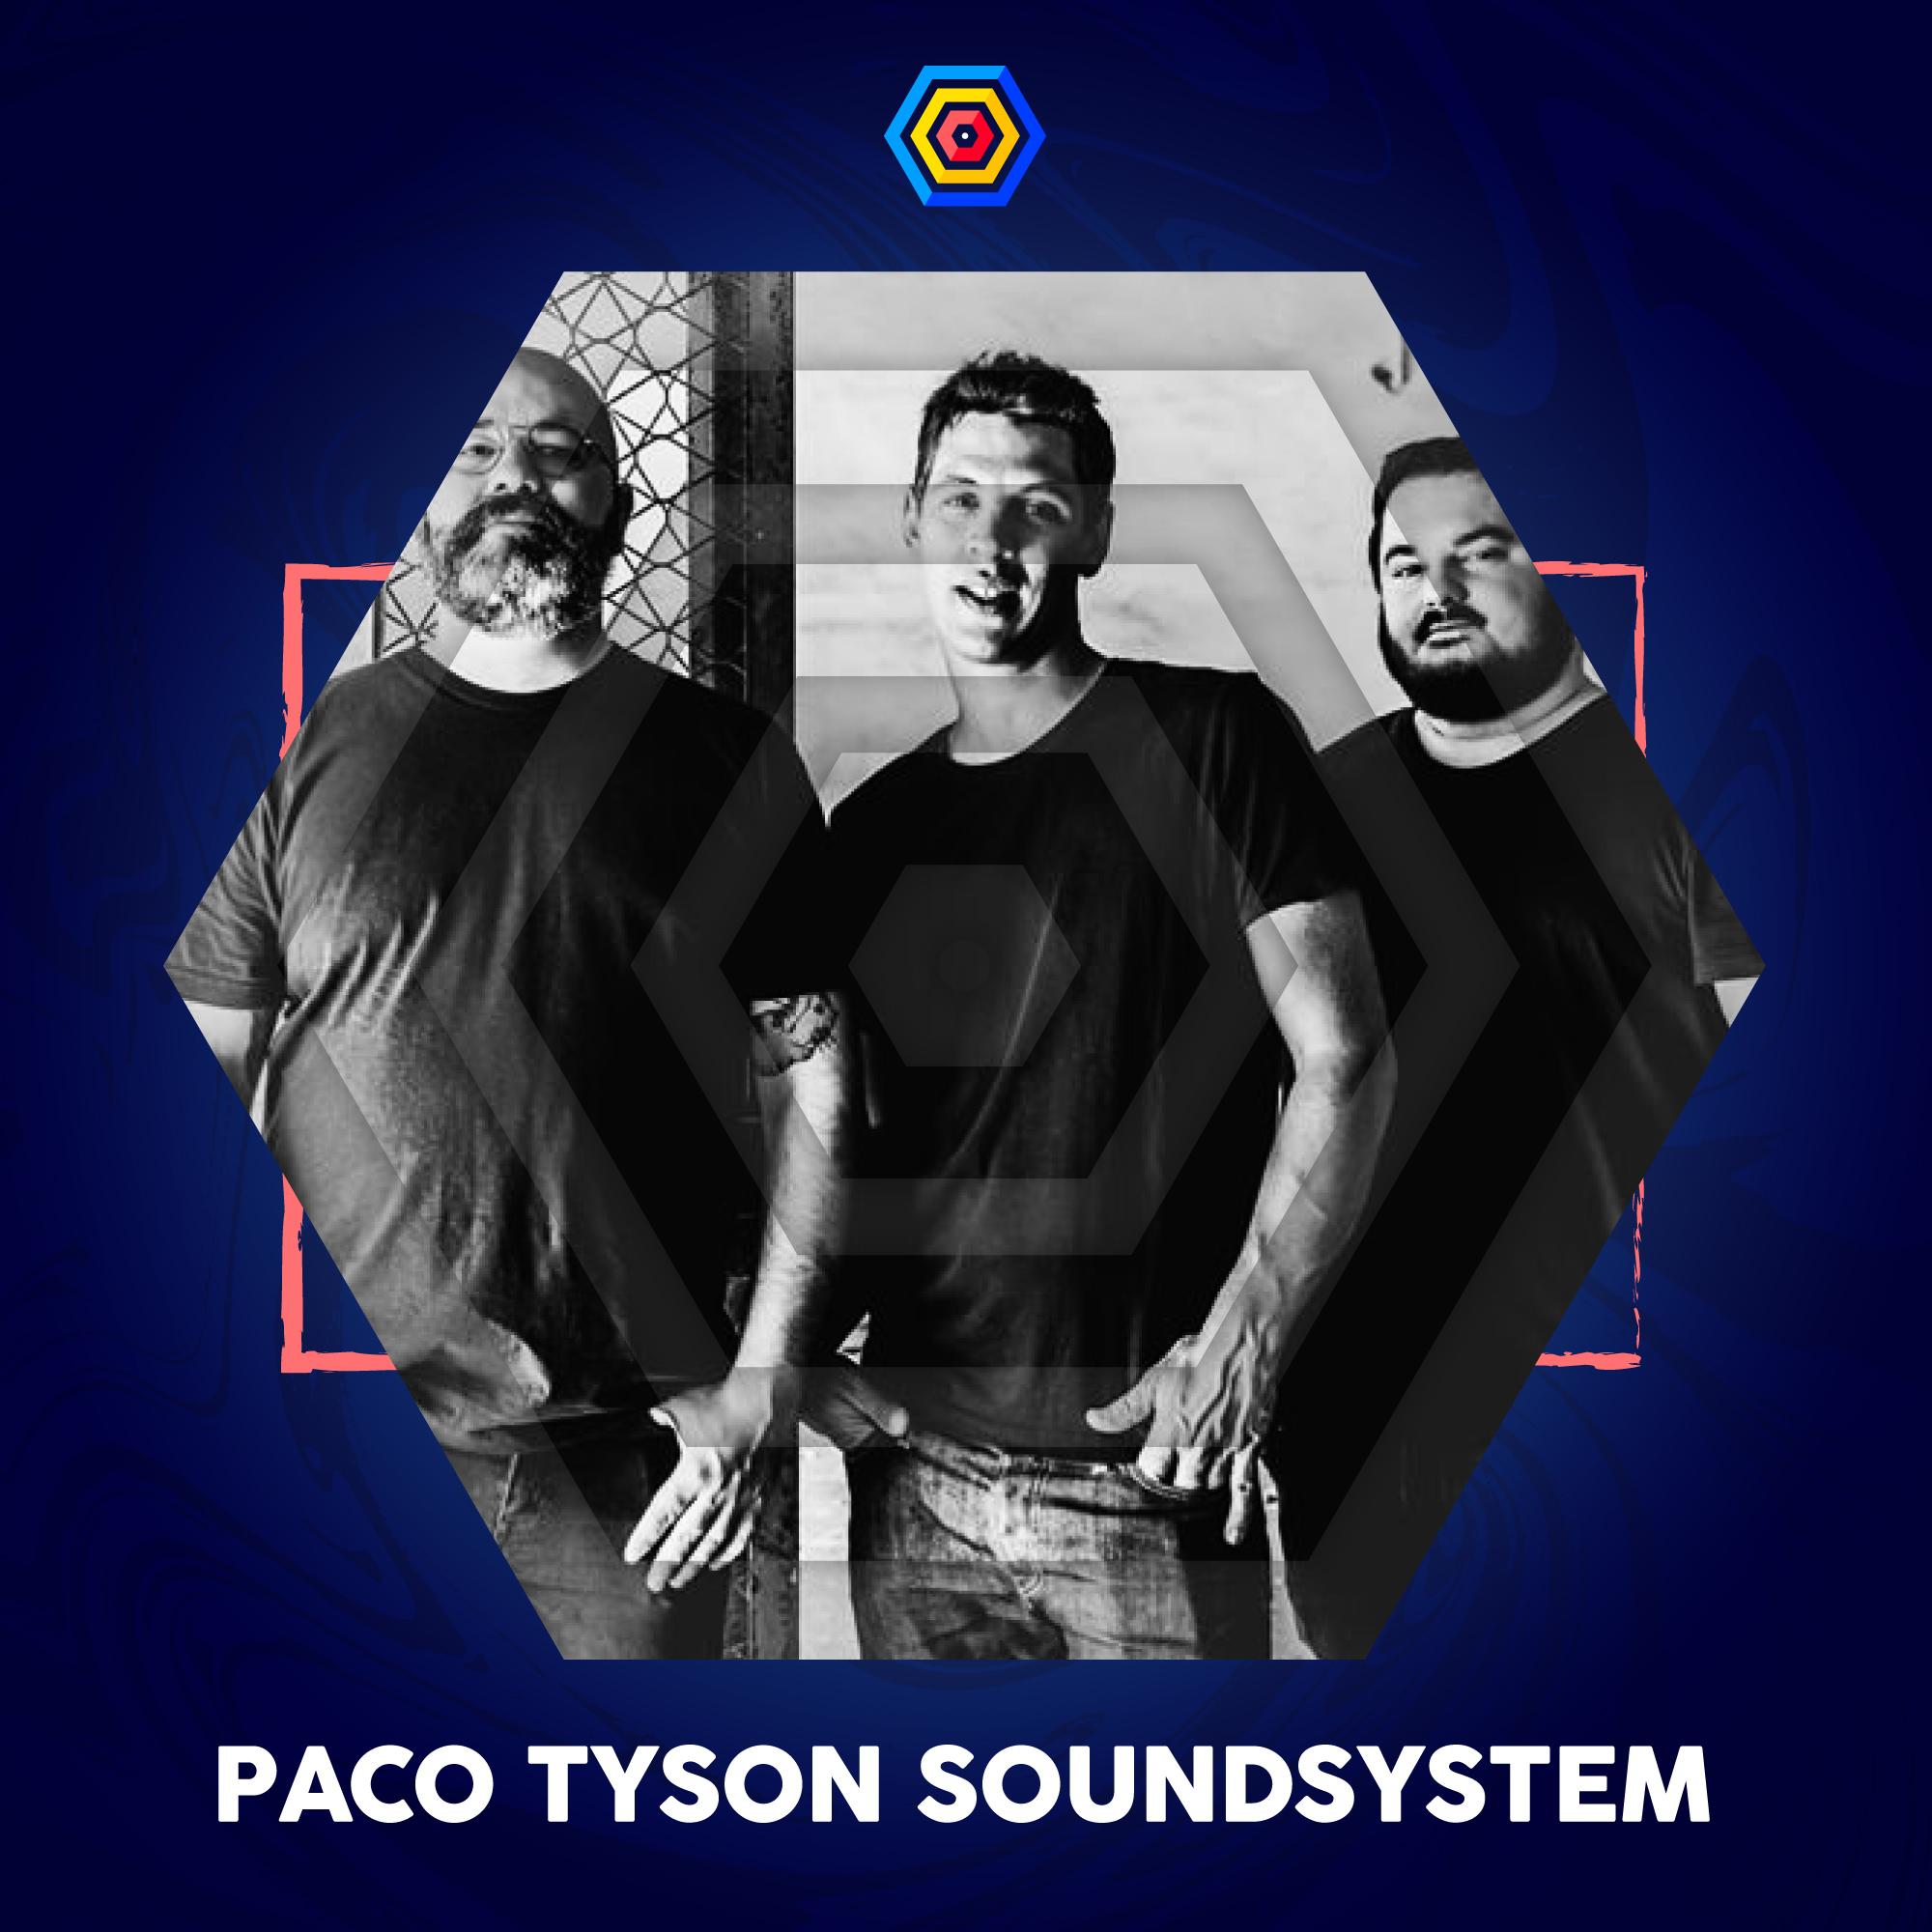 Paco-Tyson